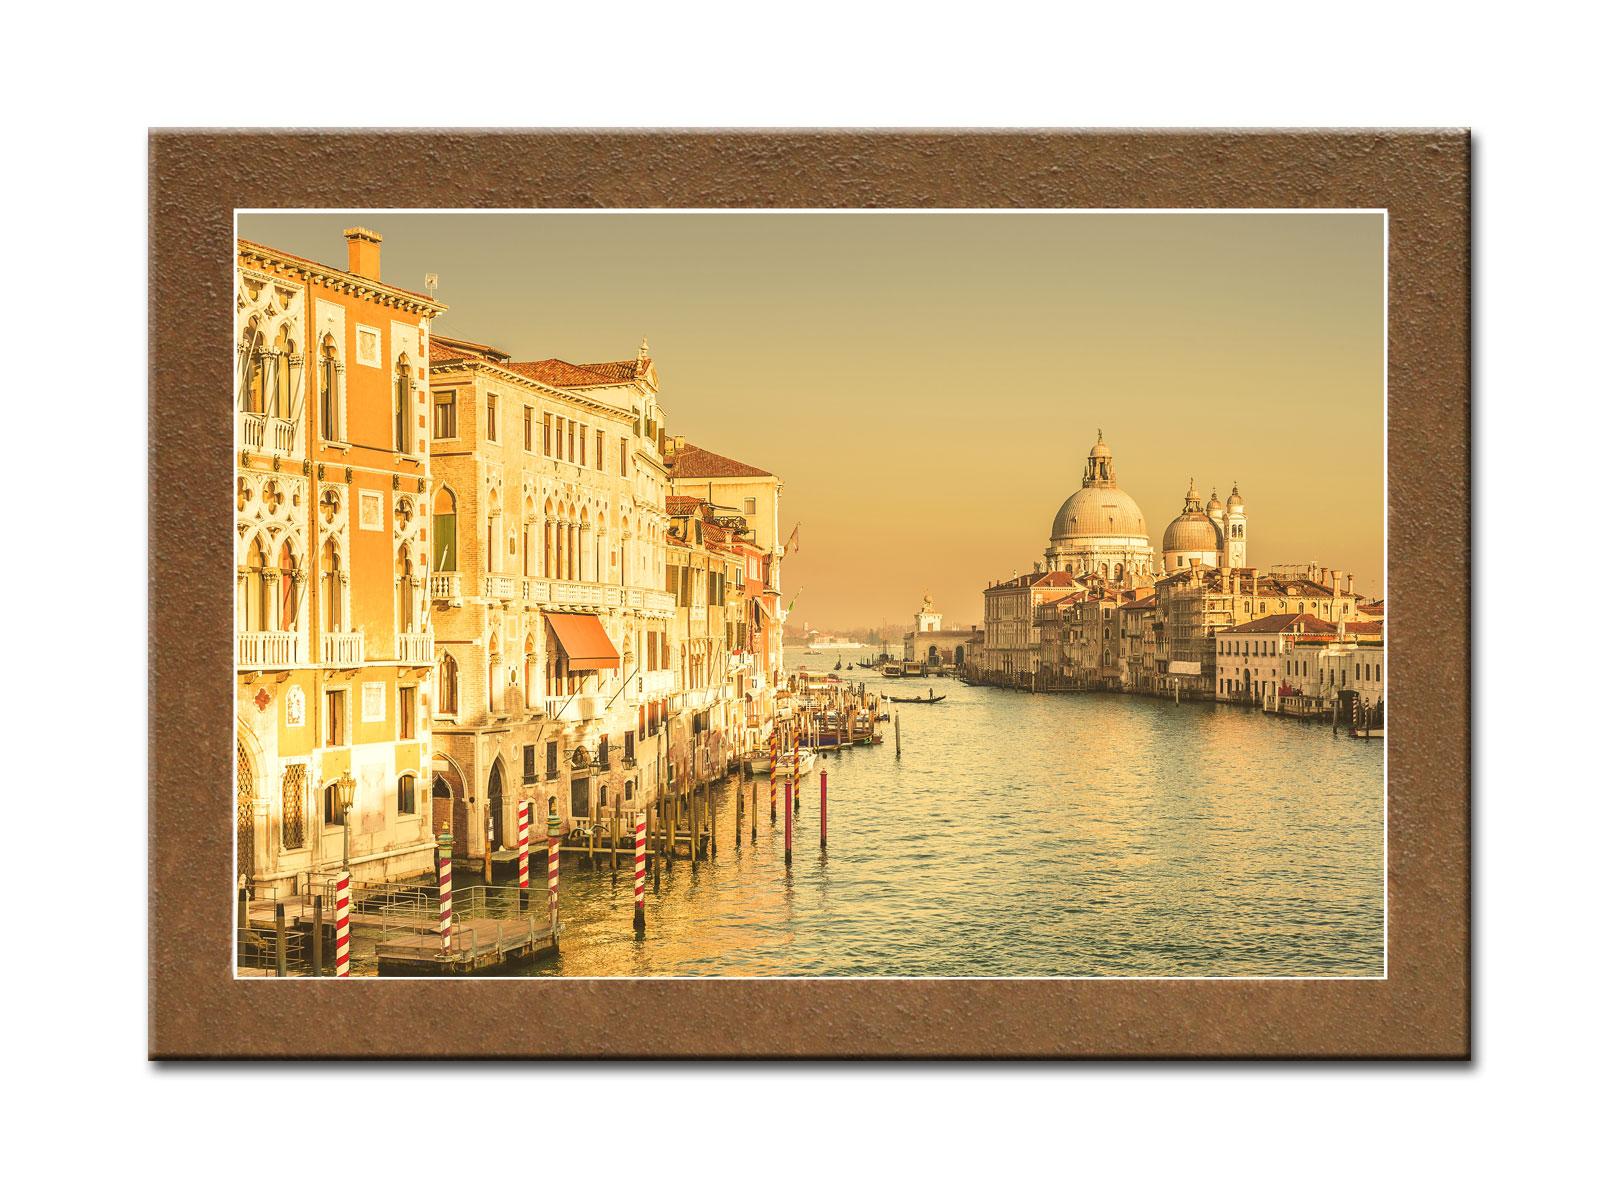 Картина Солнечная ВенецияКартины<br>Картина из серии &amp;quot;Города&amp;quot;.&amp;amp;nbsp;&amp;lt;div&amp;gt;&amp;lt;br&amp;gt;&amp;lt;/div&amp;gt;&amp;lt;div&amp;gt;Натуральный холст, галерейный подрамник, по периметру картина декорирована фактурой песка.&amp;lt;/div&amp;gt;<br><br>Material: Дерево<br>Width см: 70<br>Depth см: 3<br>Height см: 50